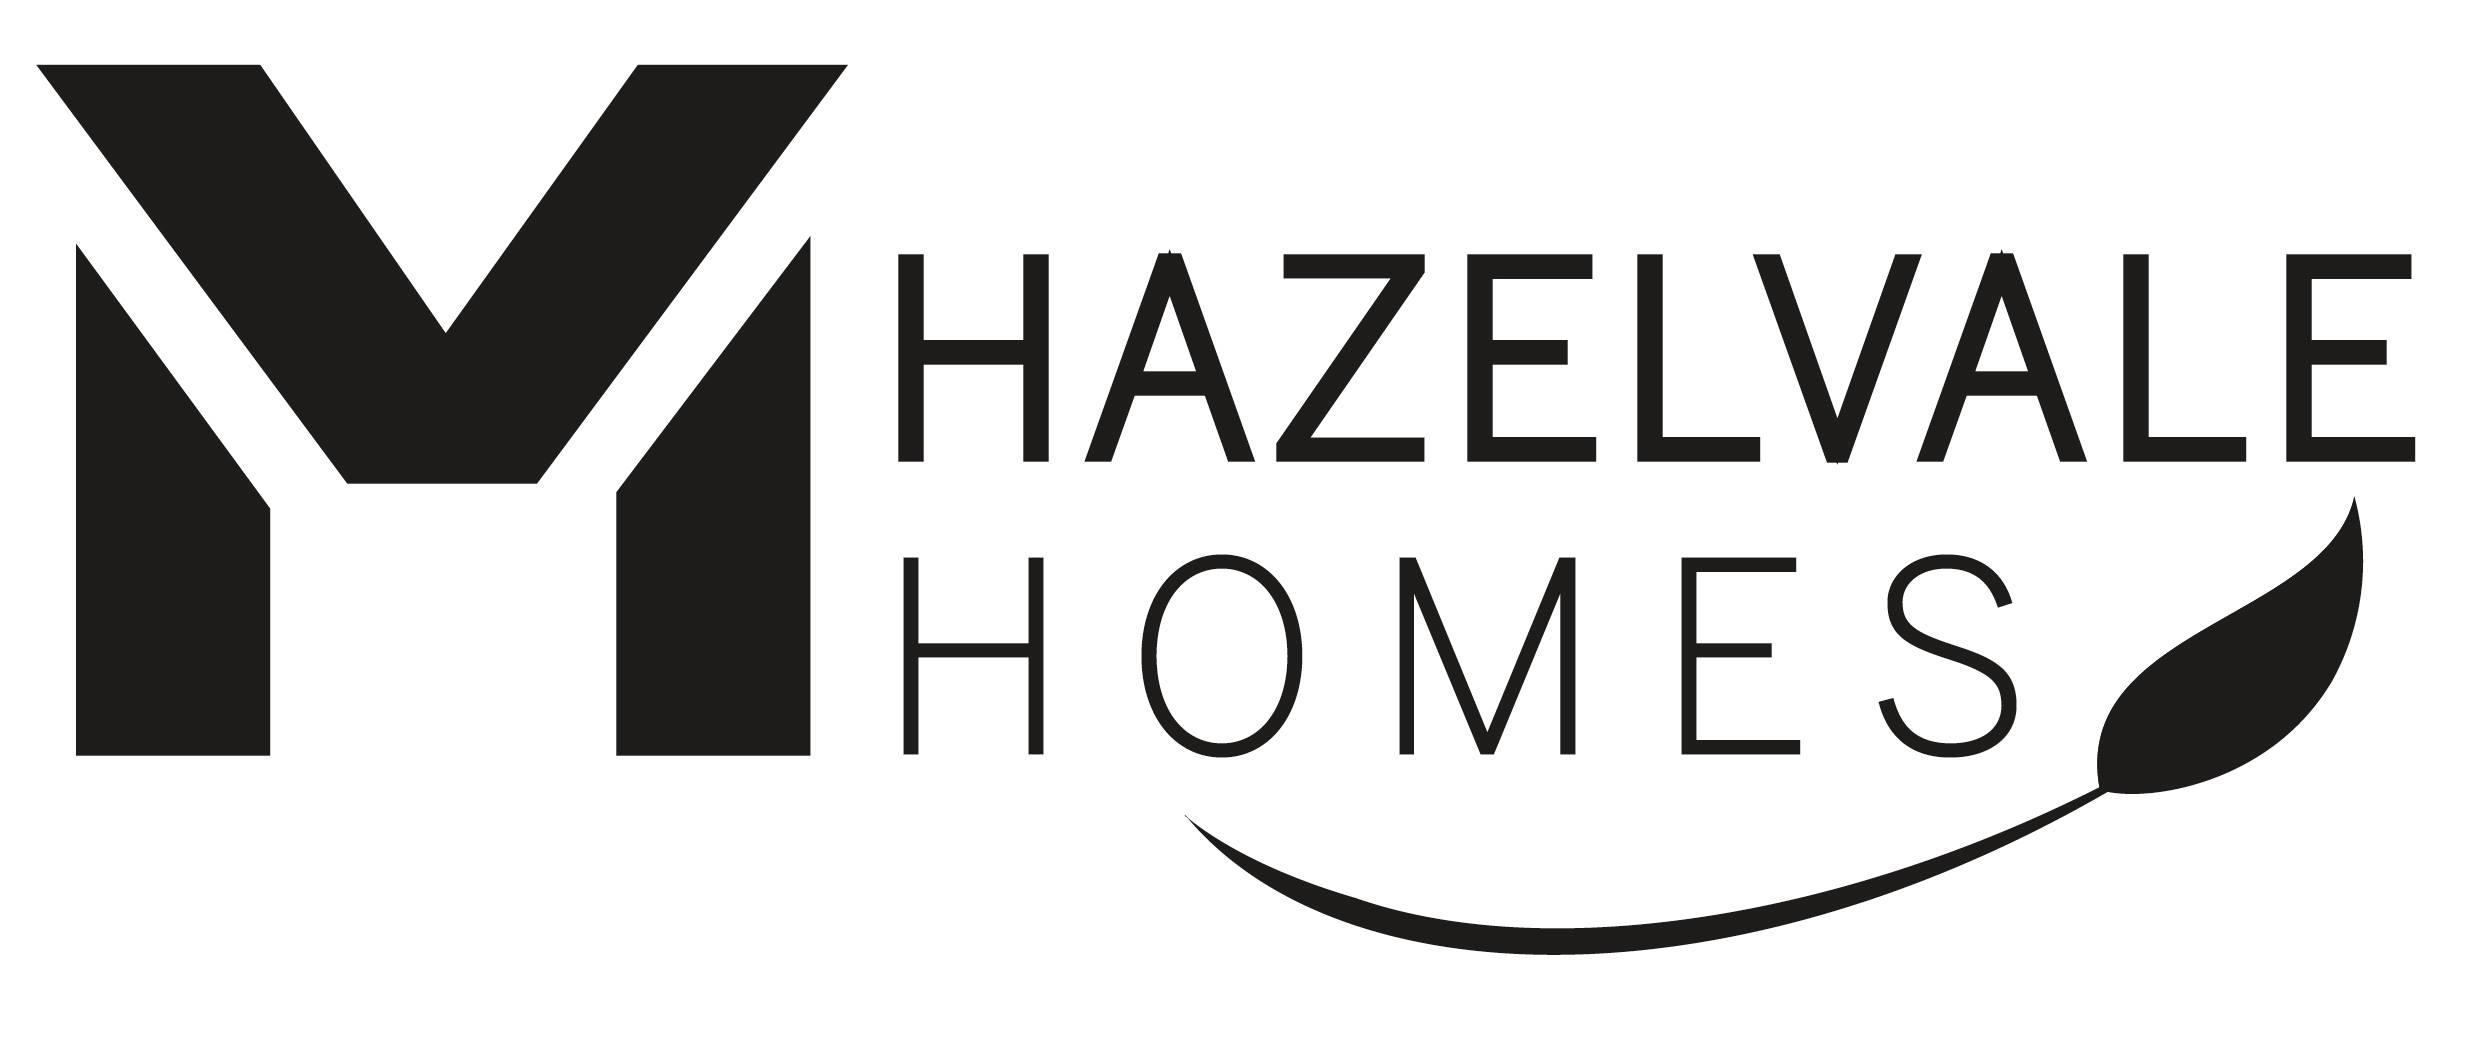 Hazelvale Homes